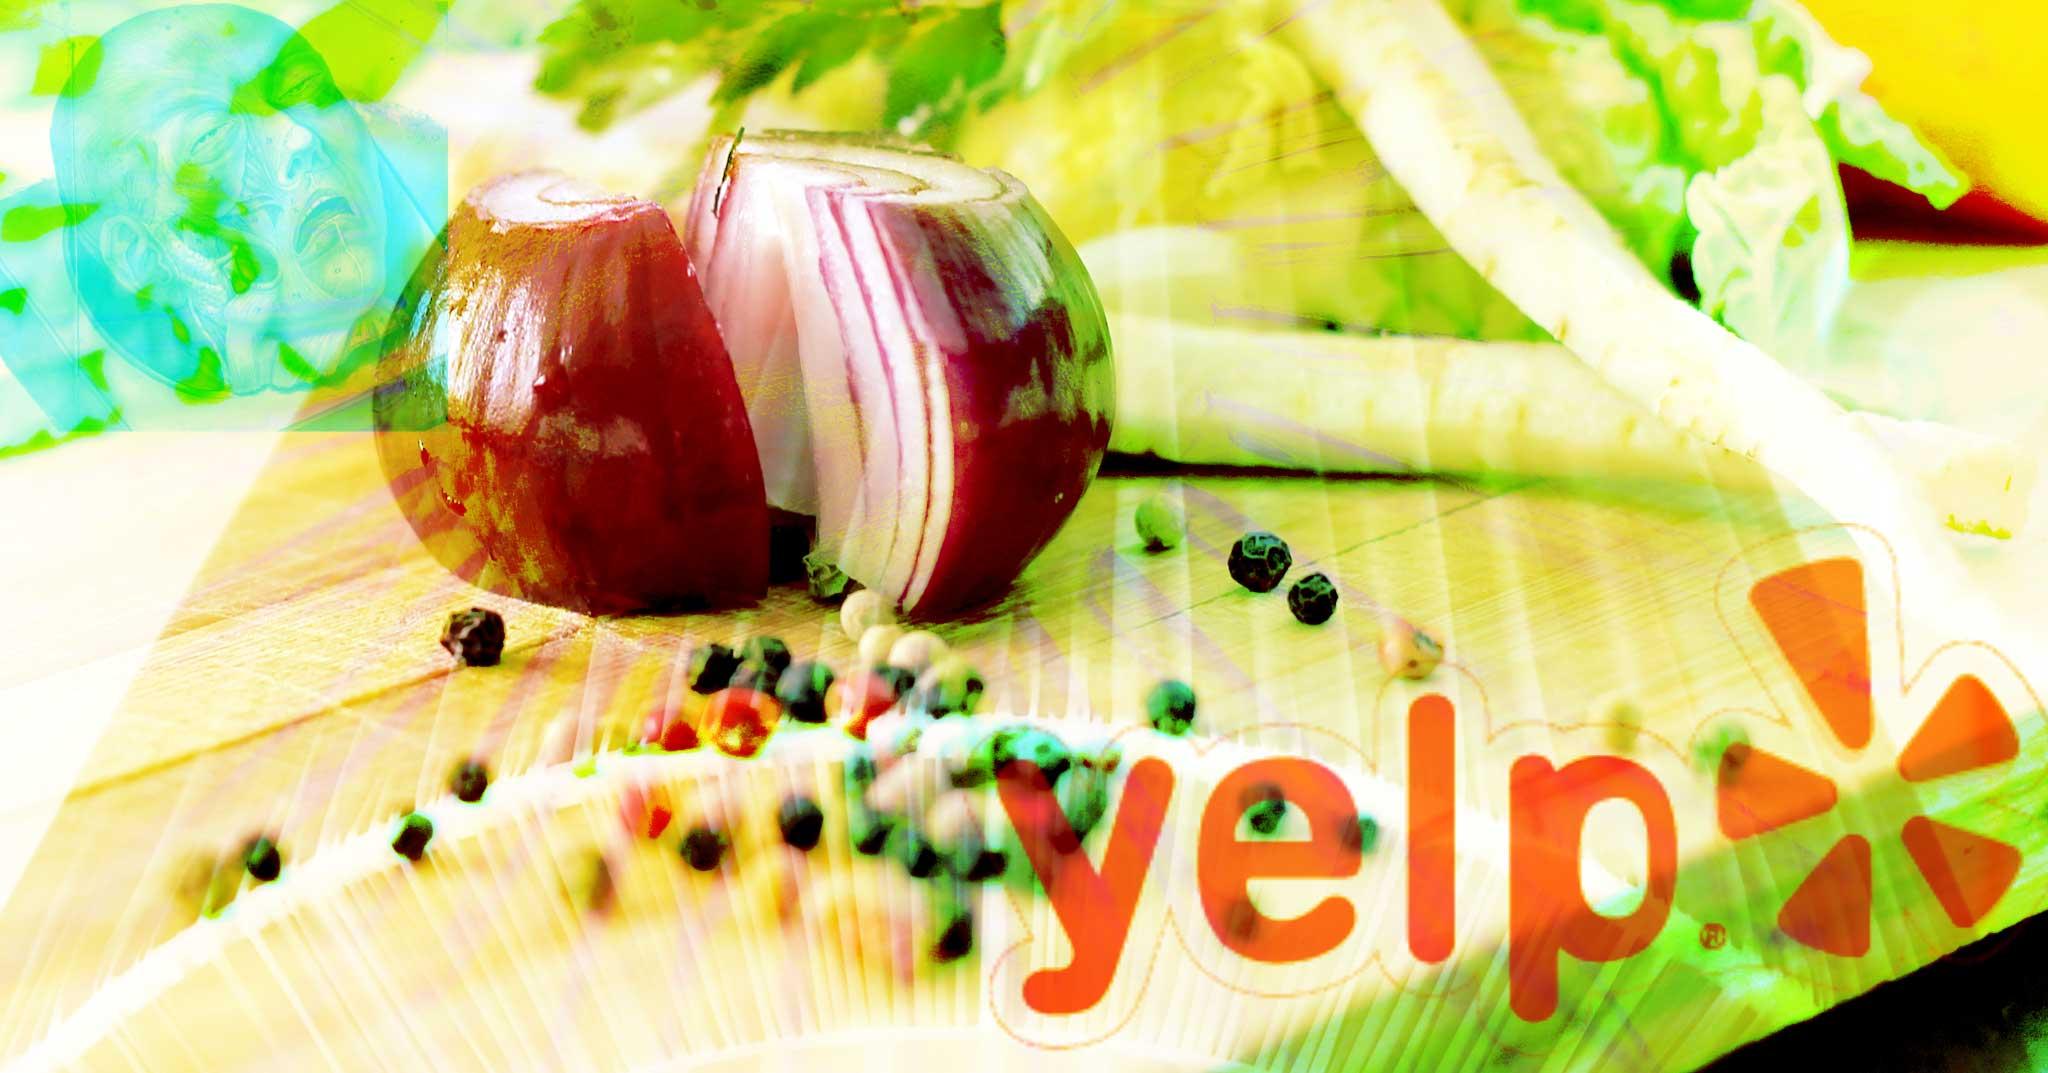 Yelp - Restaurant-Kritik auf Yelp - schlechte Bewertung